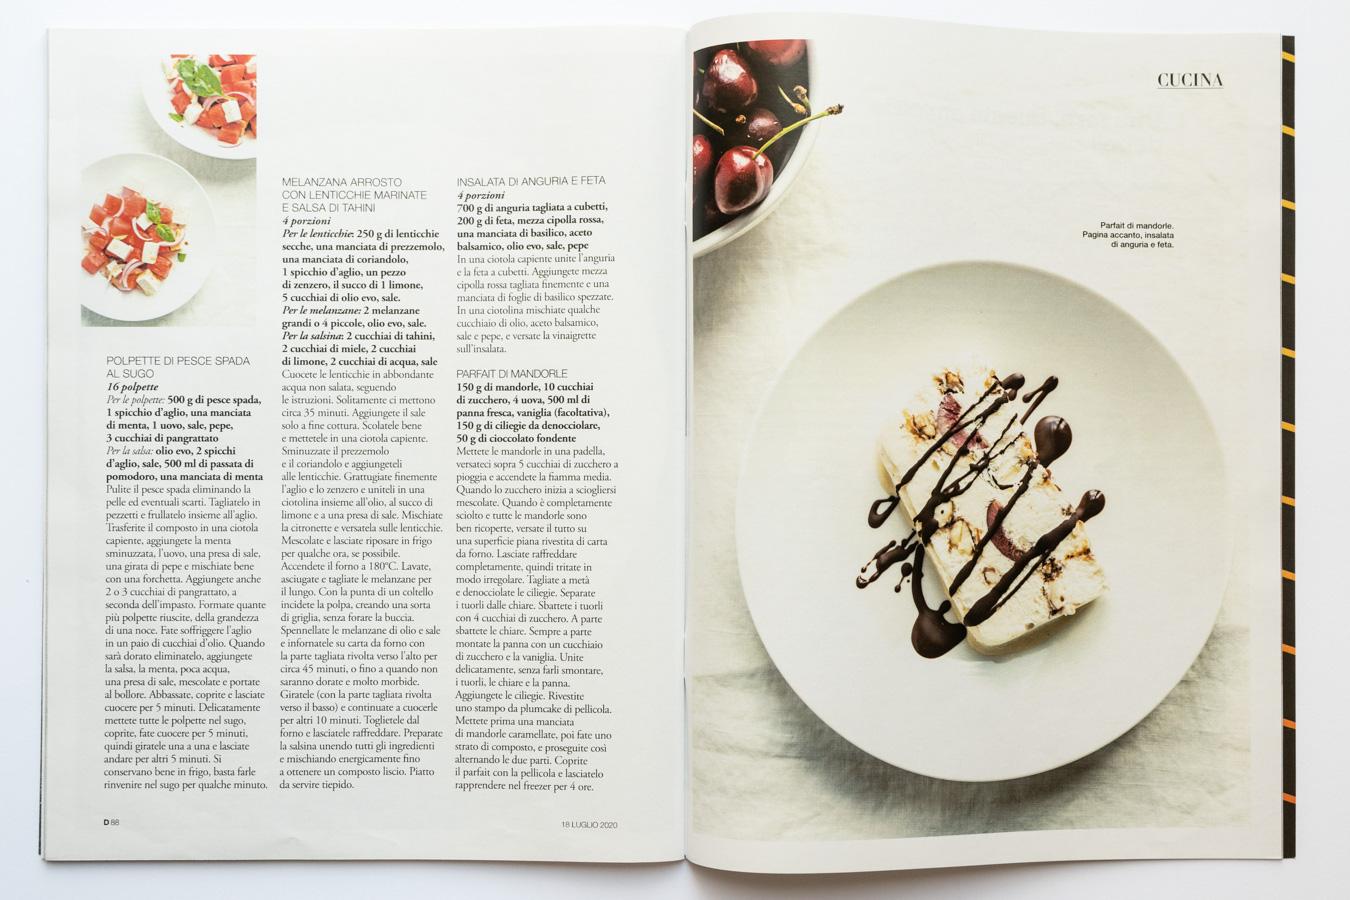 Marta Giaccone, food editorial, D la Repubblica magazine, July 2020